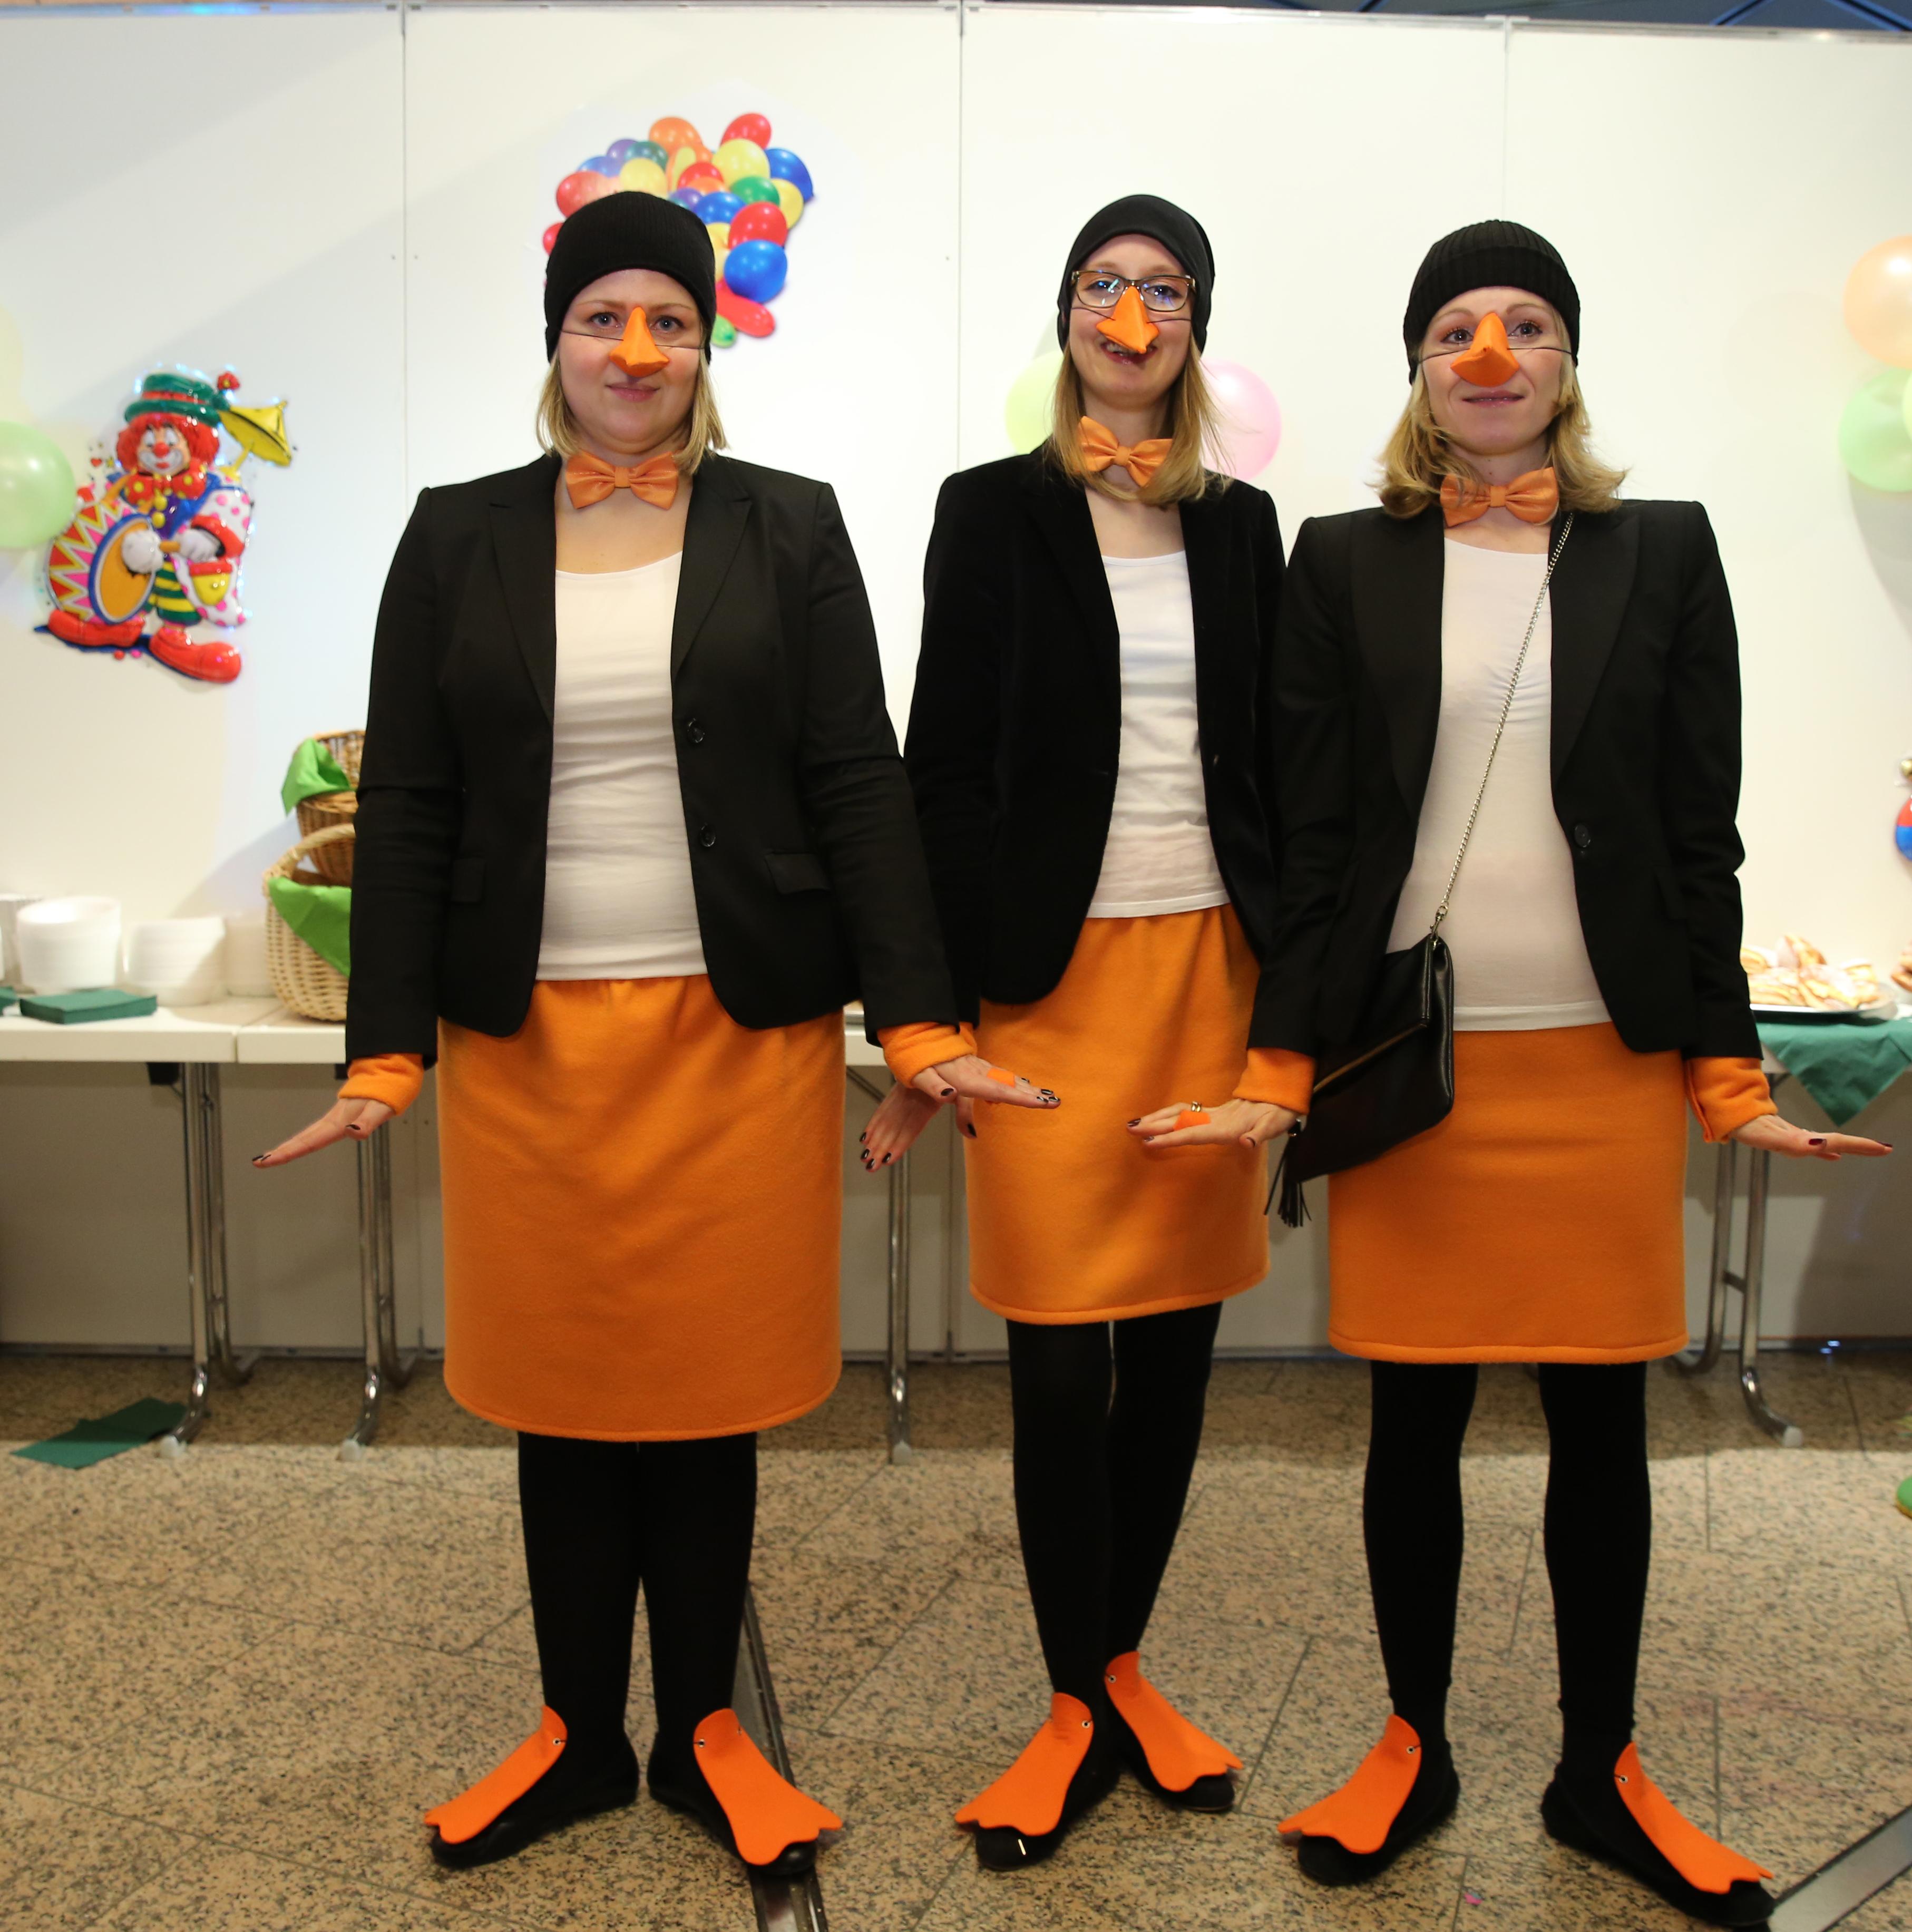 d2fa57ba12b77 3 Tipps für Last-Minute-Kostüme zu Karneval - Messe Düsseldorf Stories